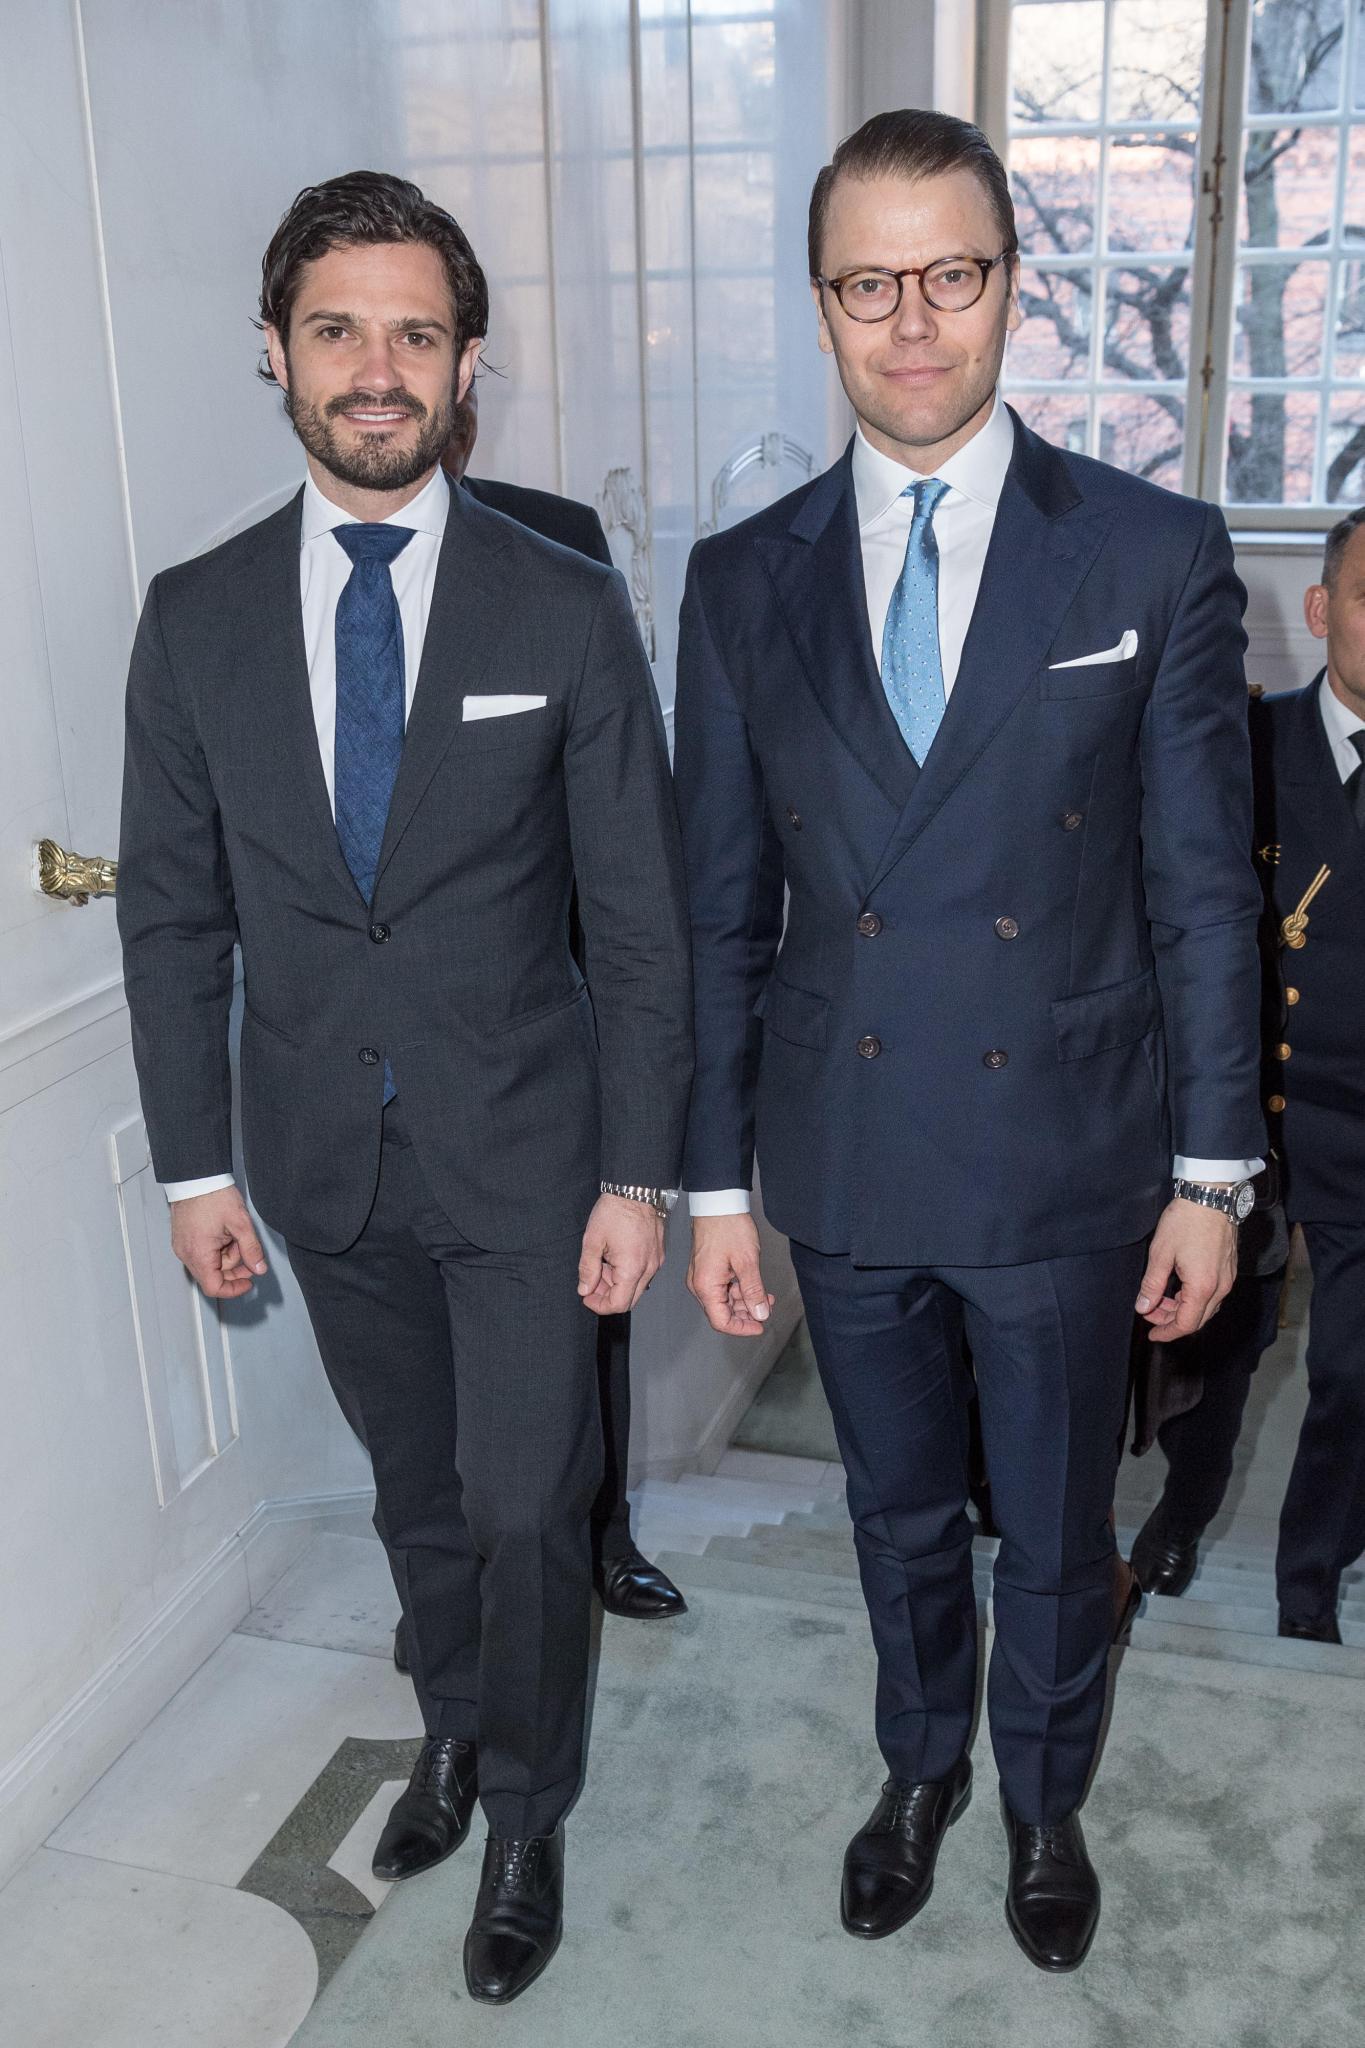 """Prinz Carl Philip und Prinz Daniel ohne ihre Ehefrauen beim Seminar """"Ein Abend über die Ostsee - voller Hoffnung und bedroht"""" anlässlich des 70. Geburtstag von Schwedens König Carl Gustaf"""